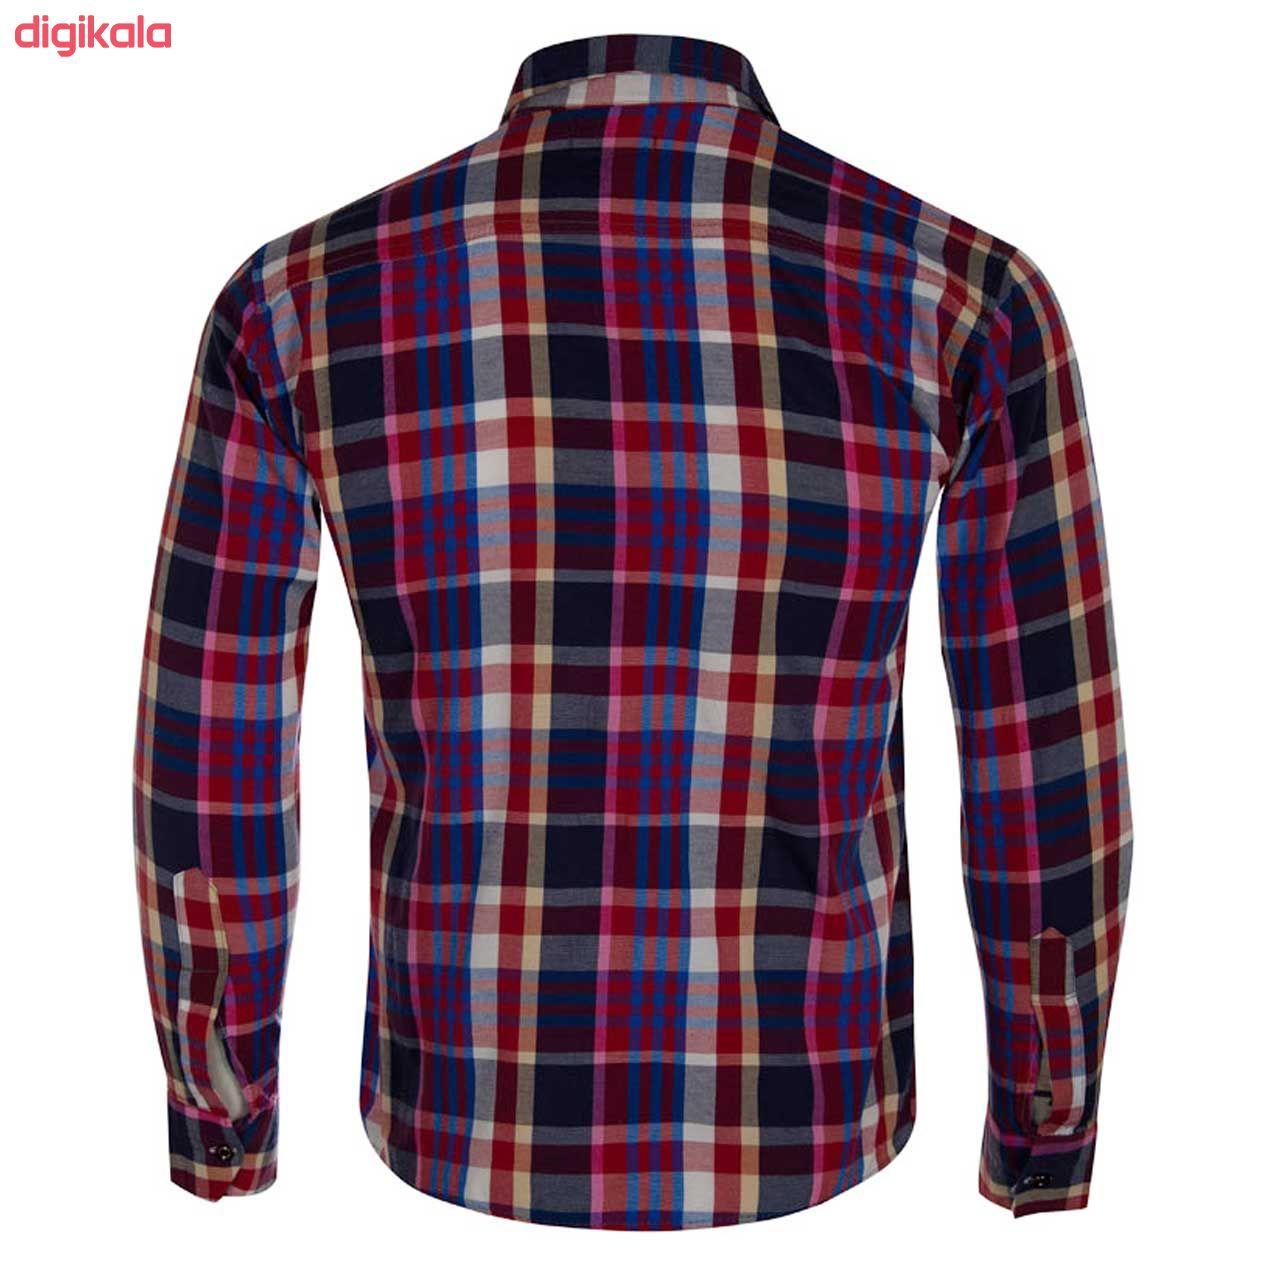 پیراهن مردانه کد 230000413 main 1 2